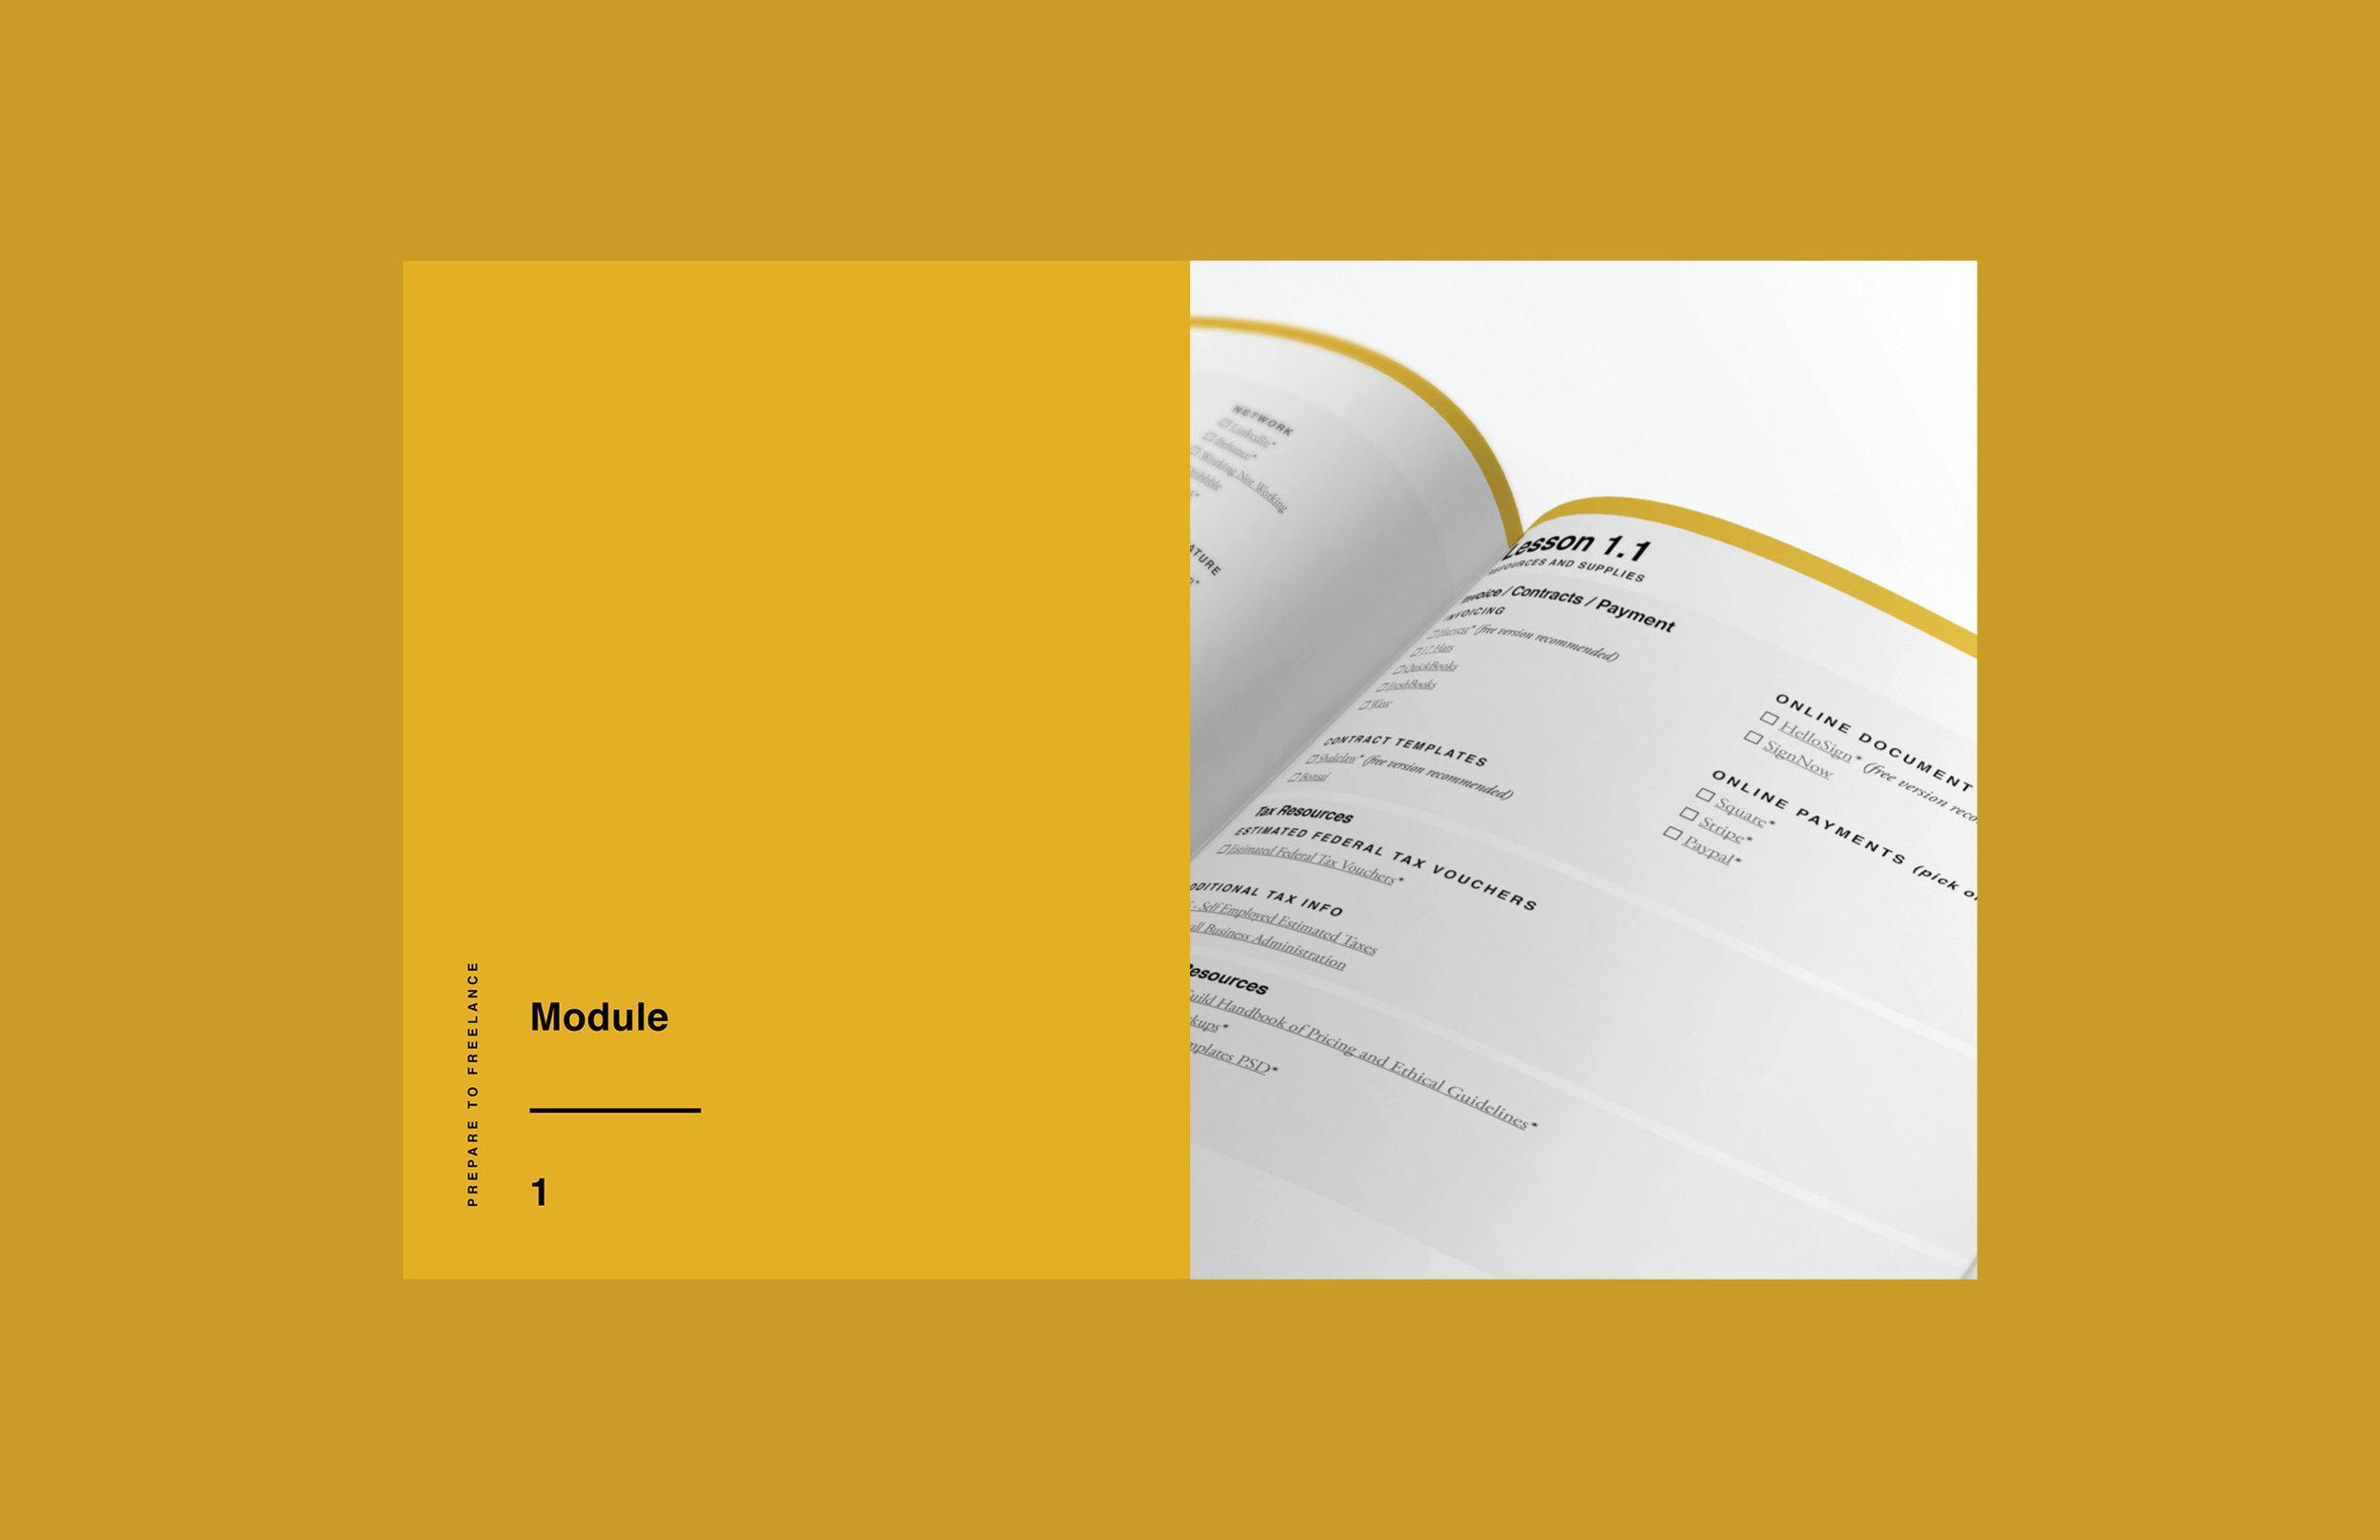 e-course workbook design 1